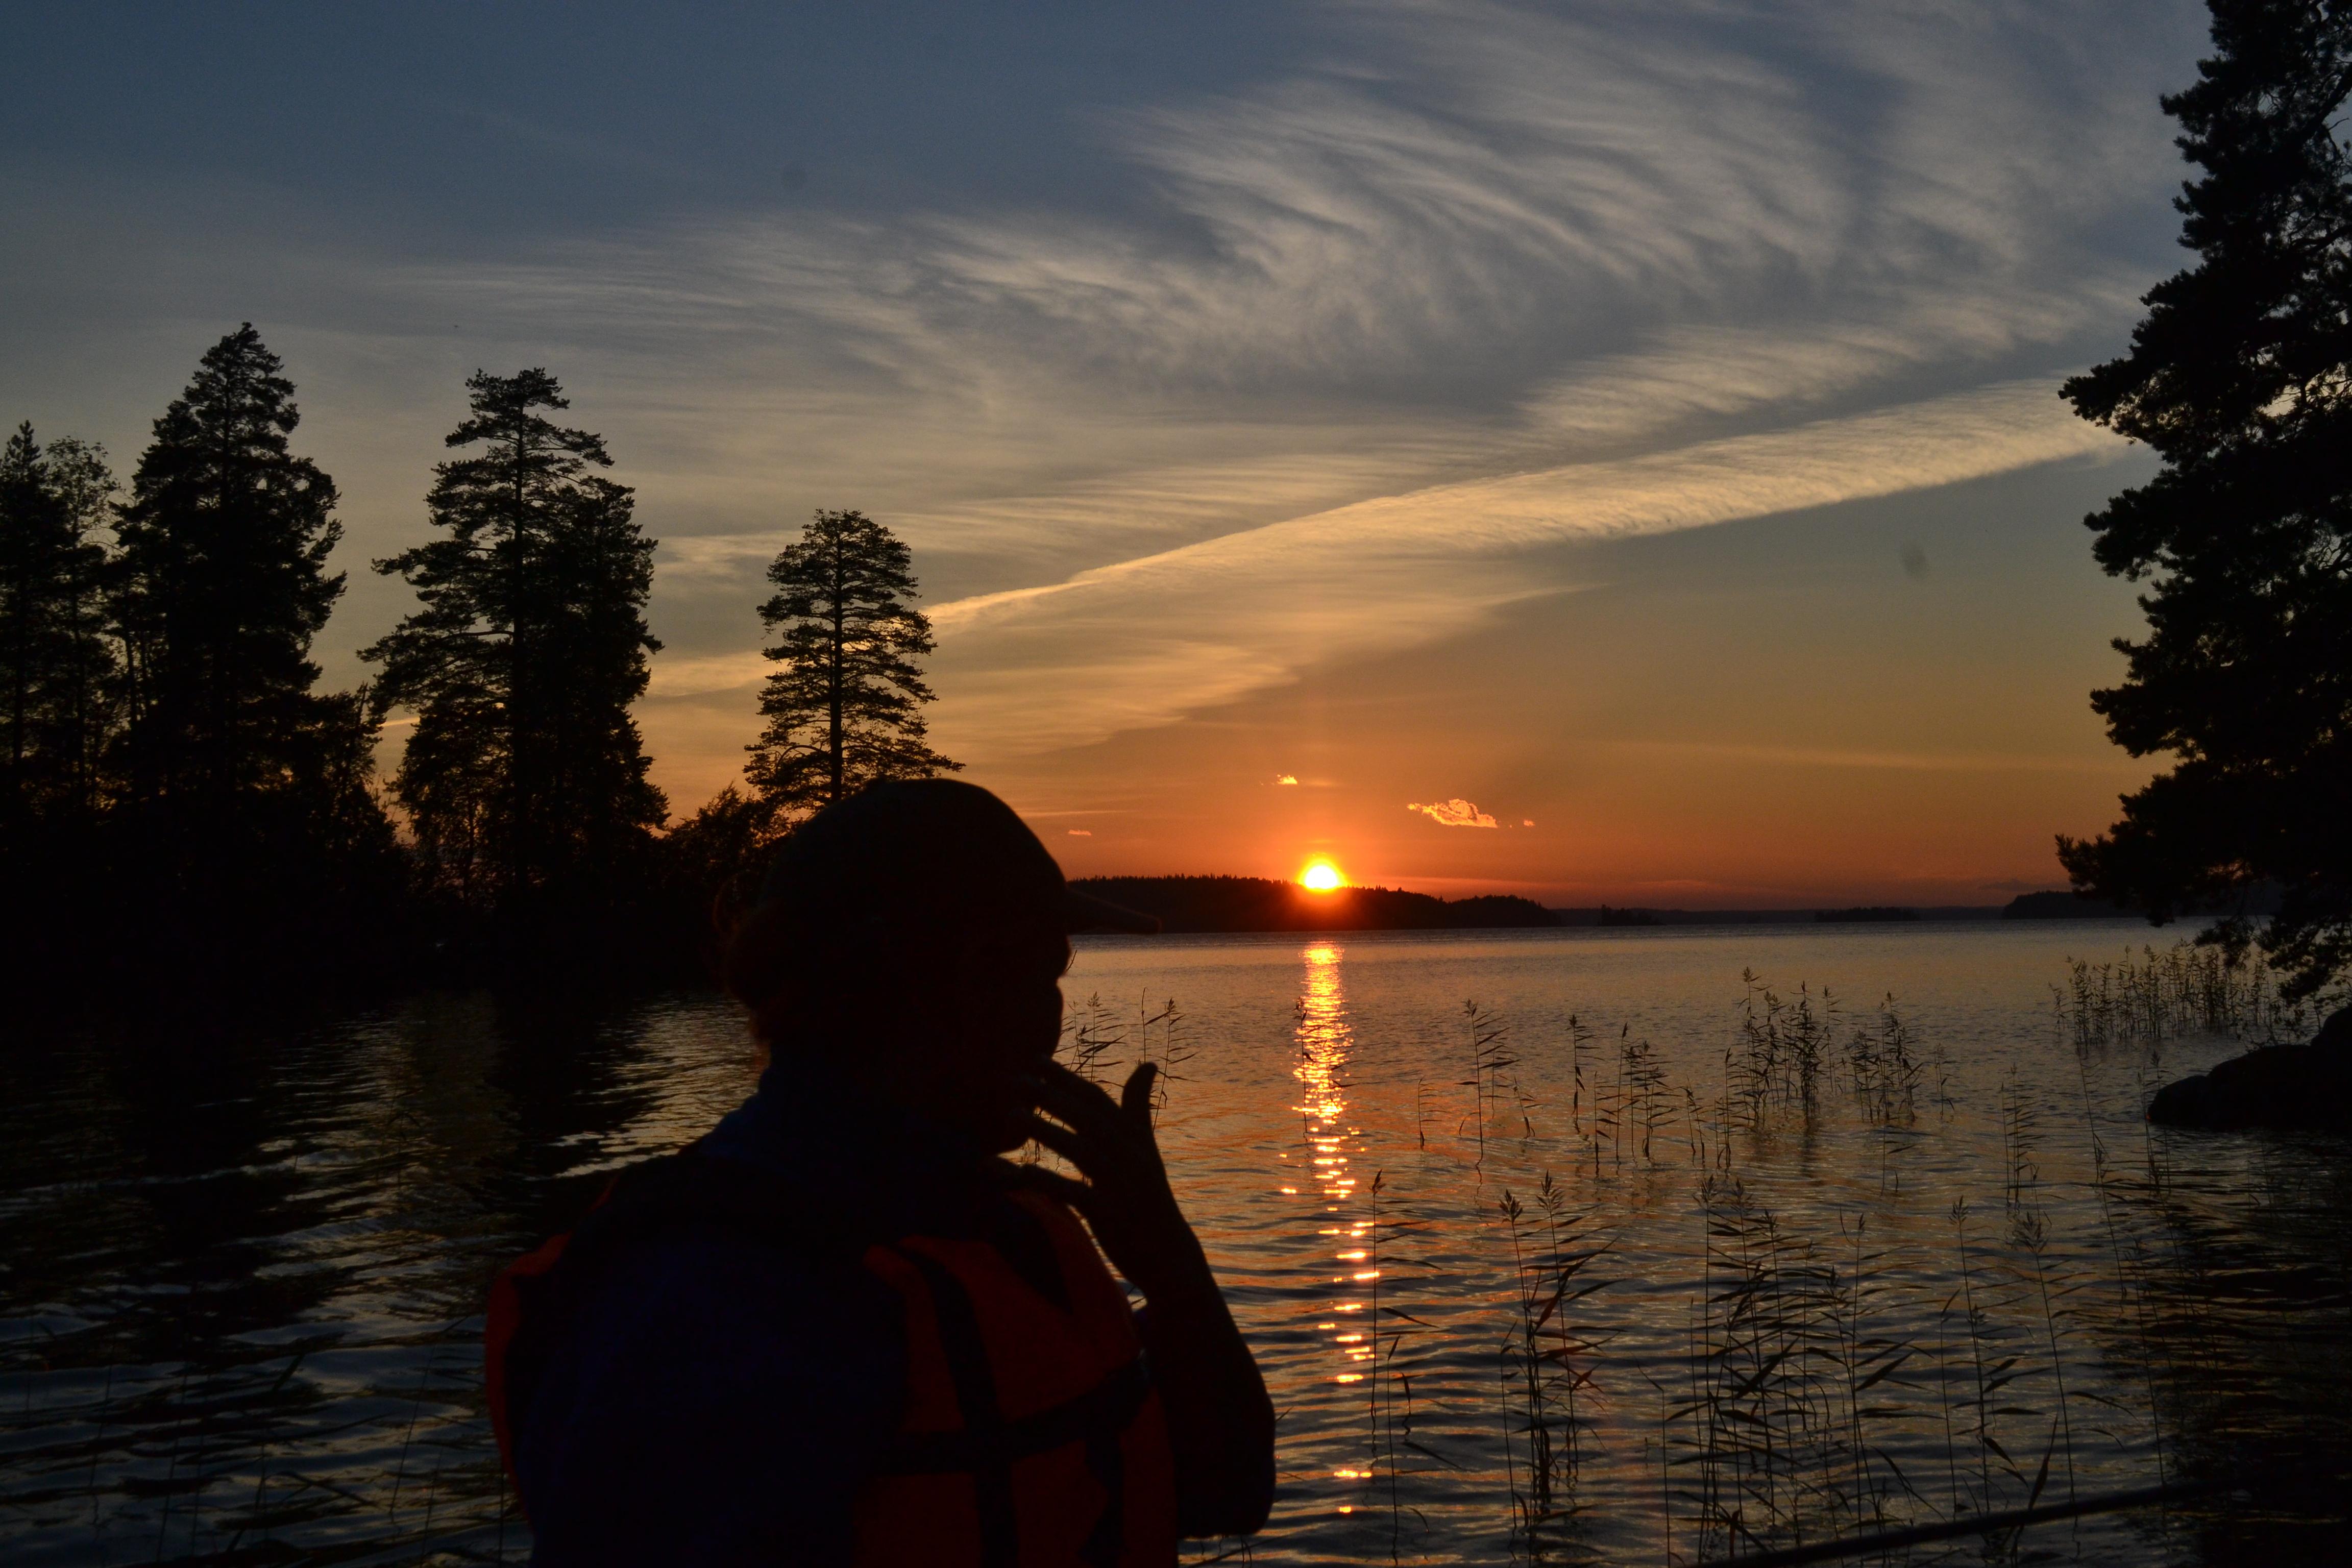 онежское озеро восточный берег рыбалка